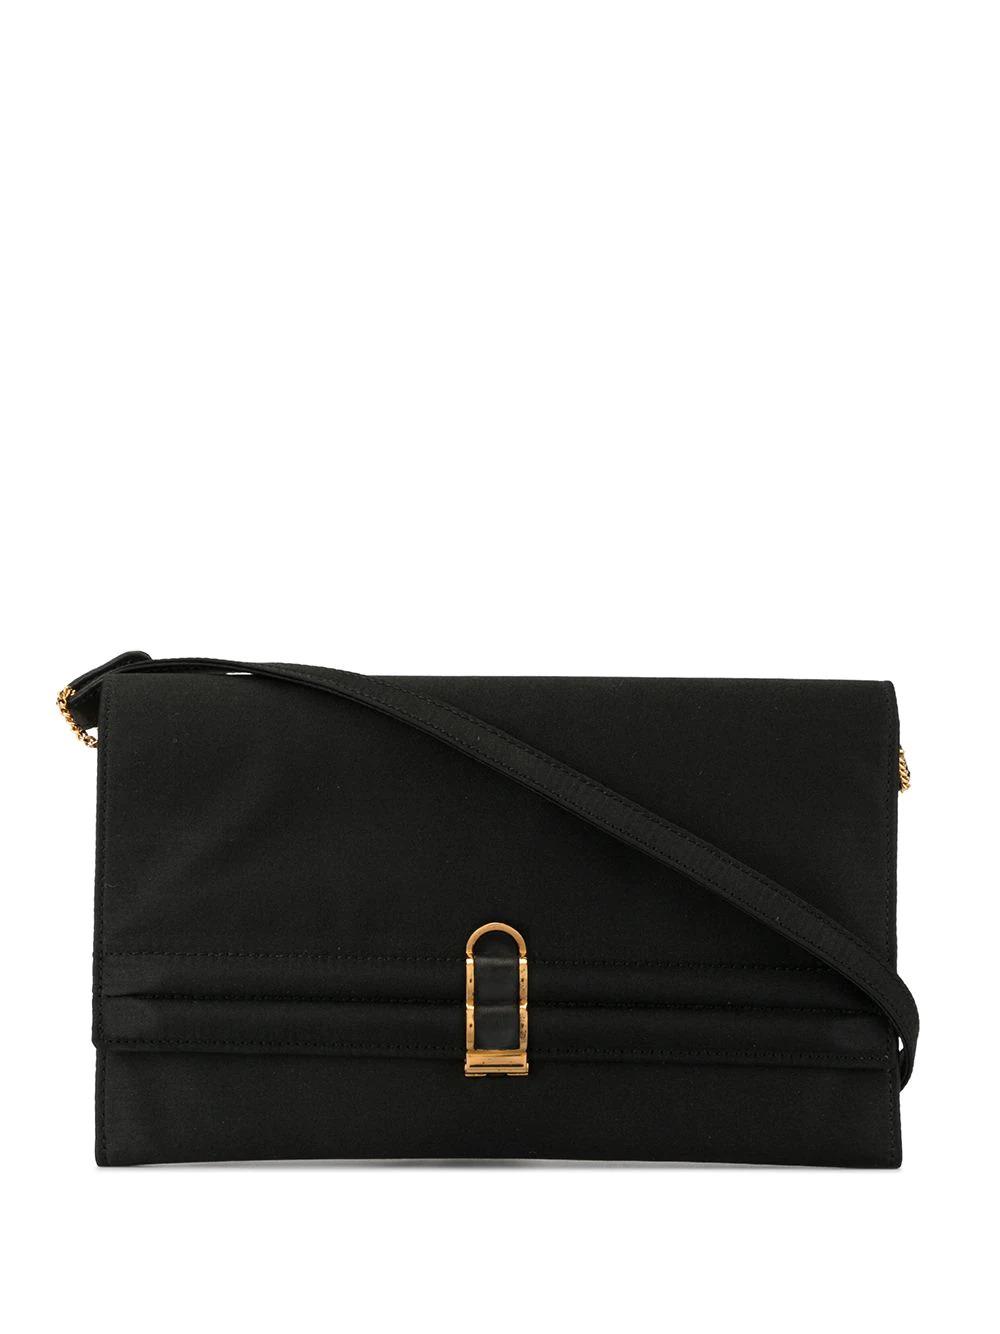 1. Hermès 1983s pre-owned cocktail shoulder bag HK$15,236